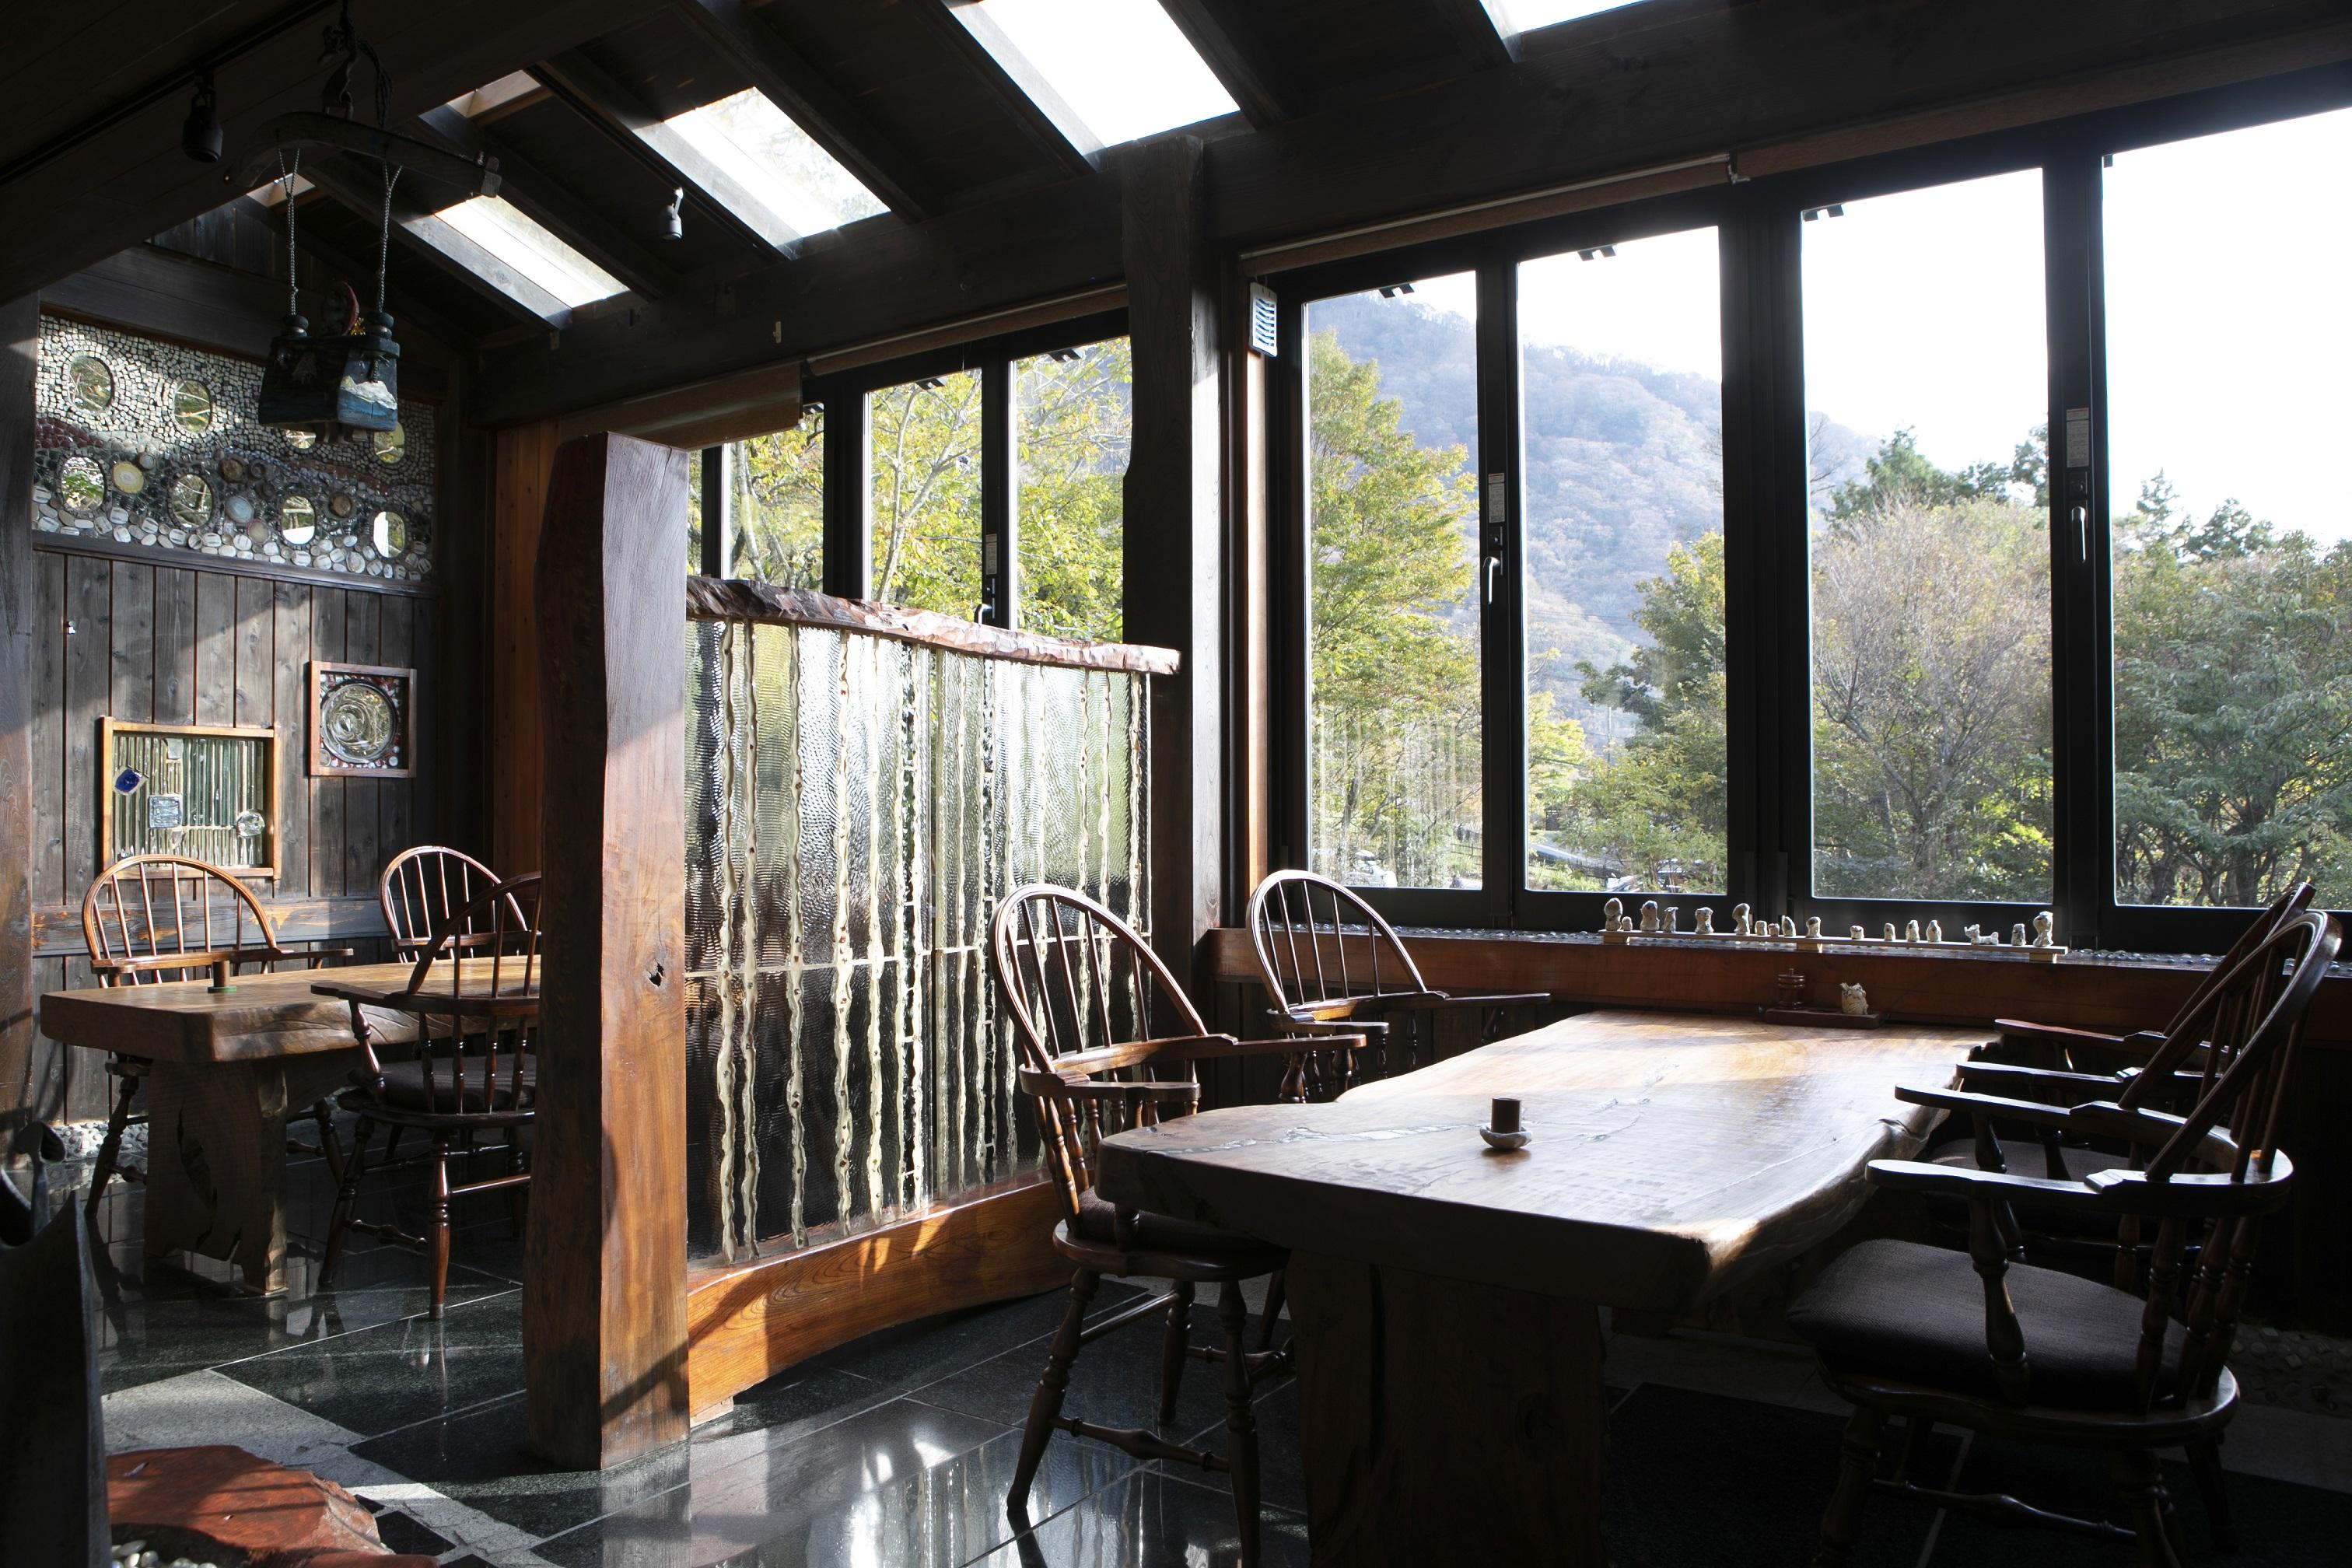 天窓からすりガラスの仕切りに至るまで、先代の趣向が凝らされている